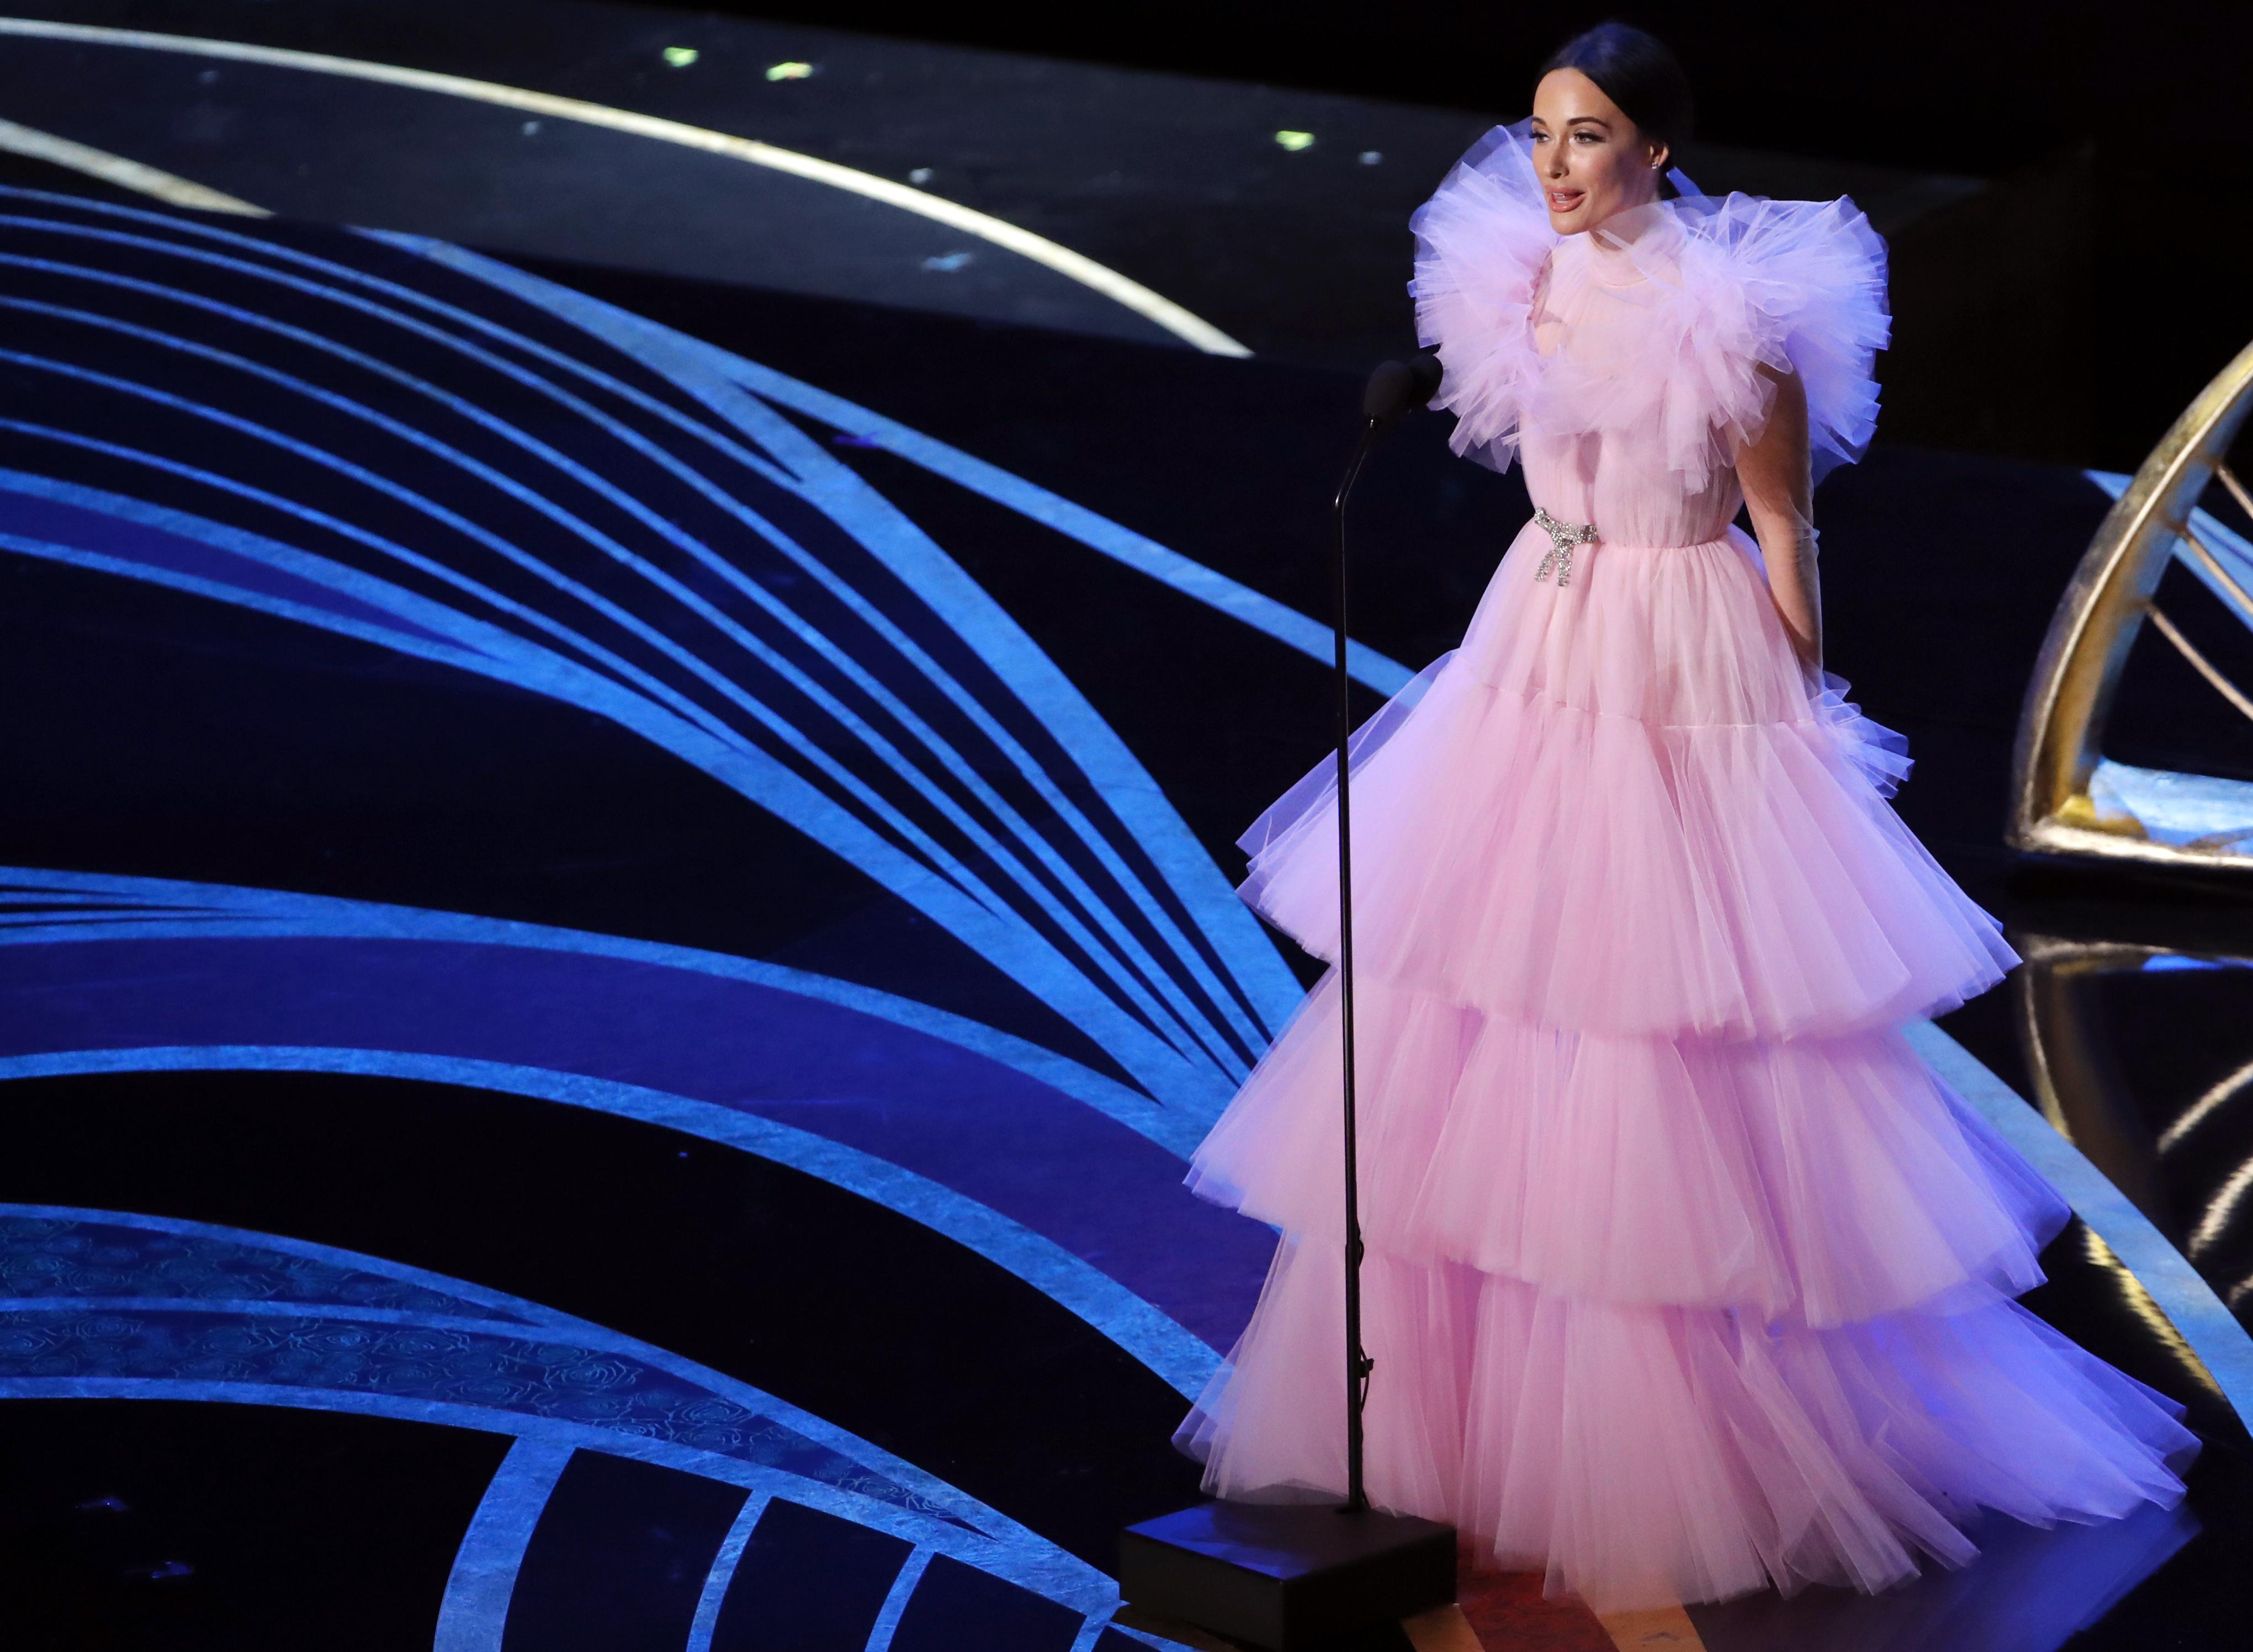 المغنية الأميركية كاسي موسغرافز على مسرح الأوسكار